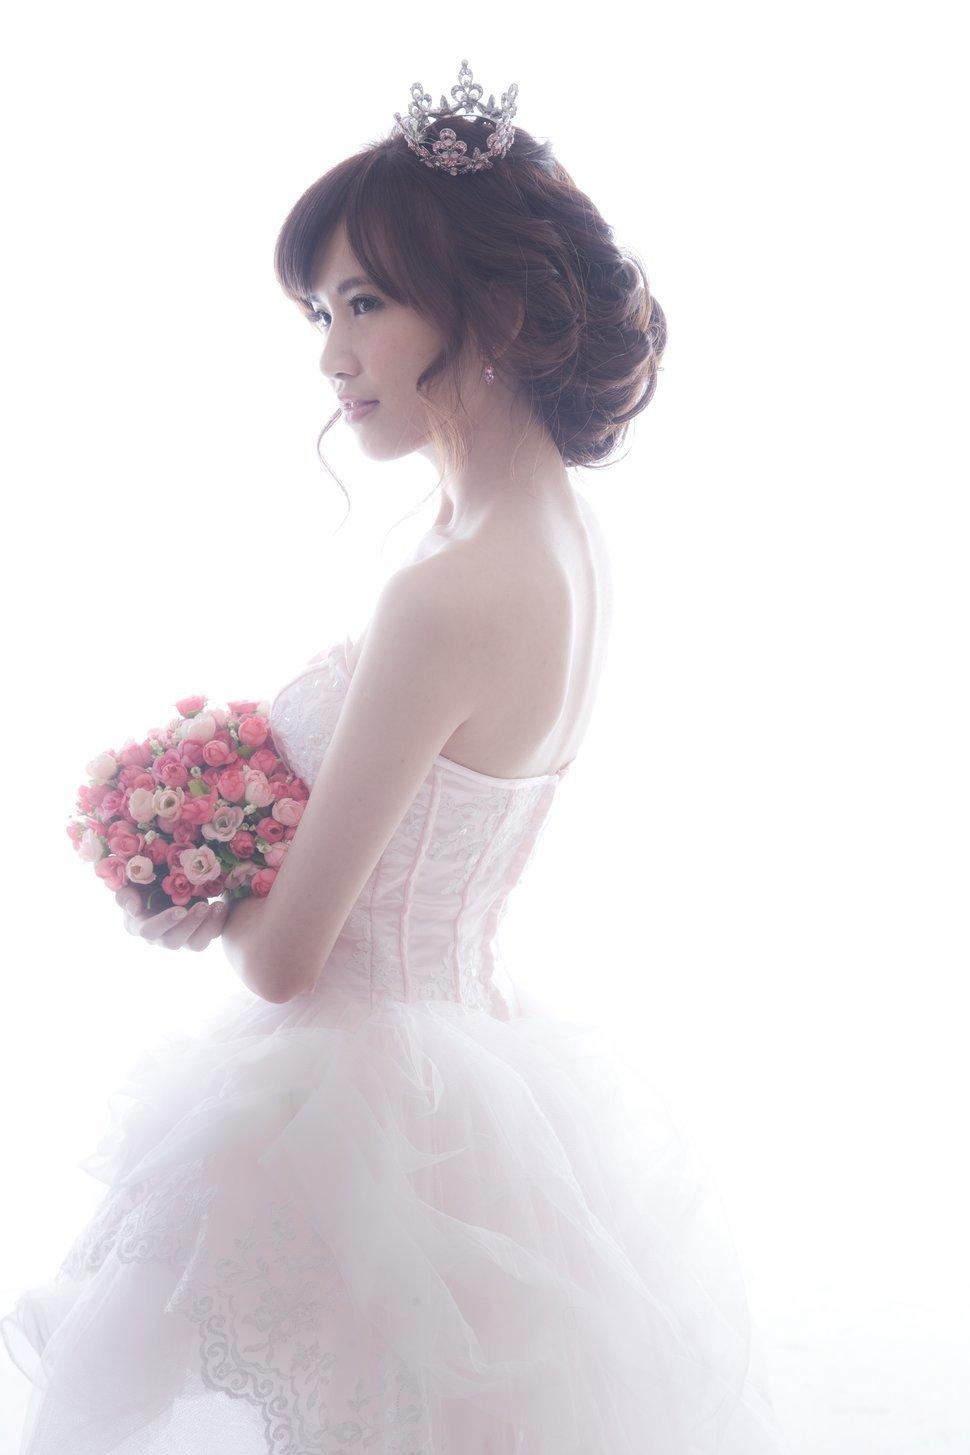 婚紗造型(編號:271563) - 新秘Hei Di - 結婚吧一站式婚禮服務平台